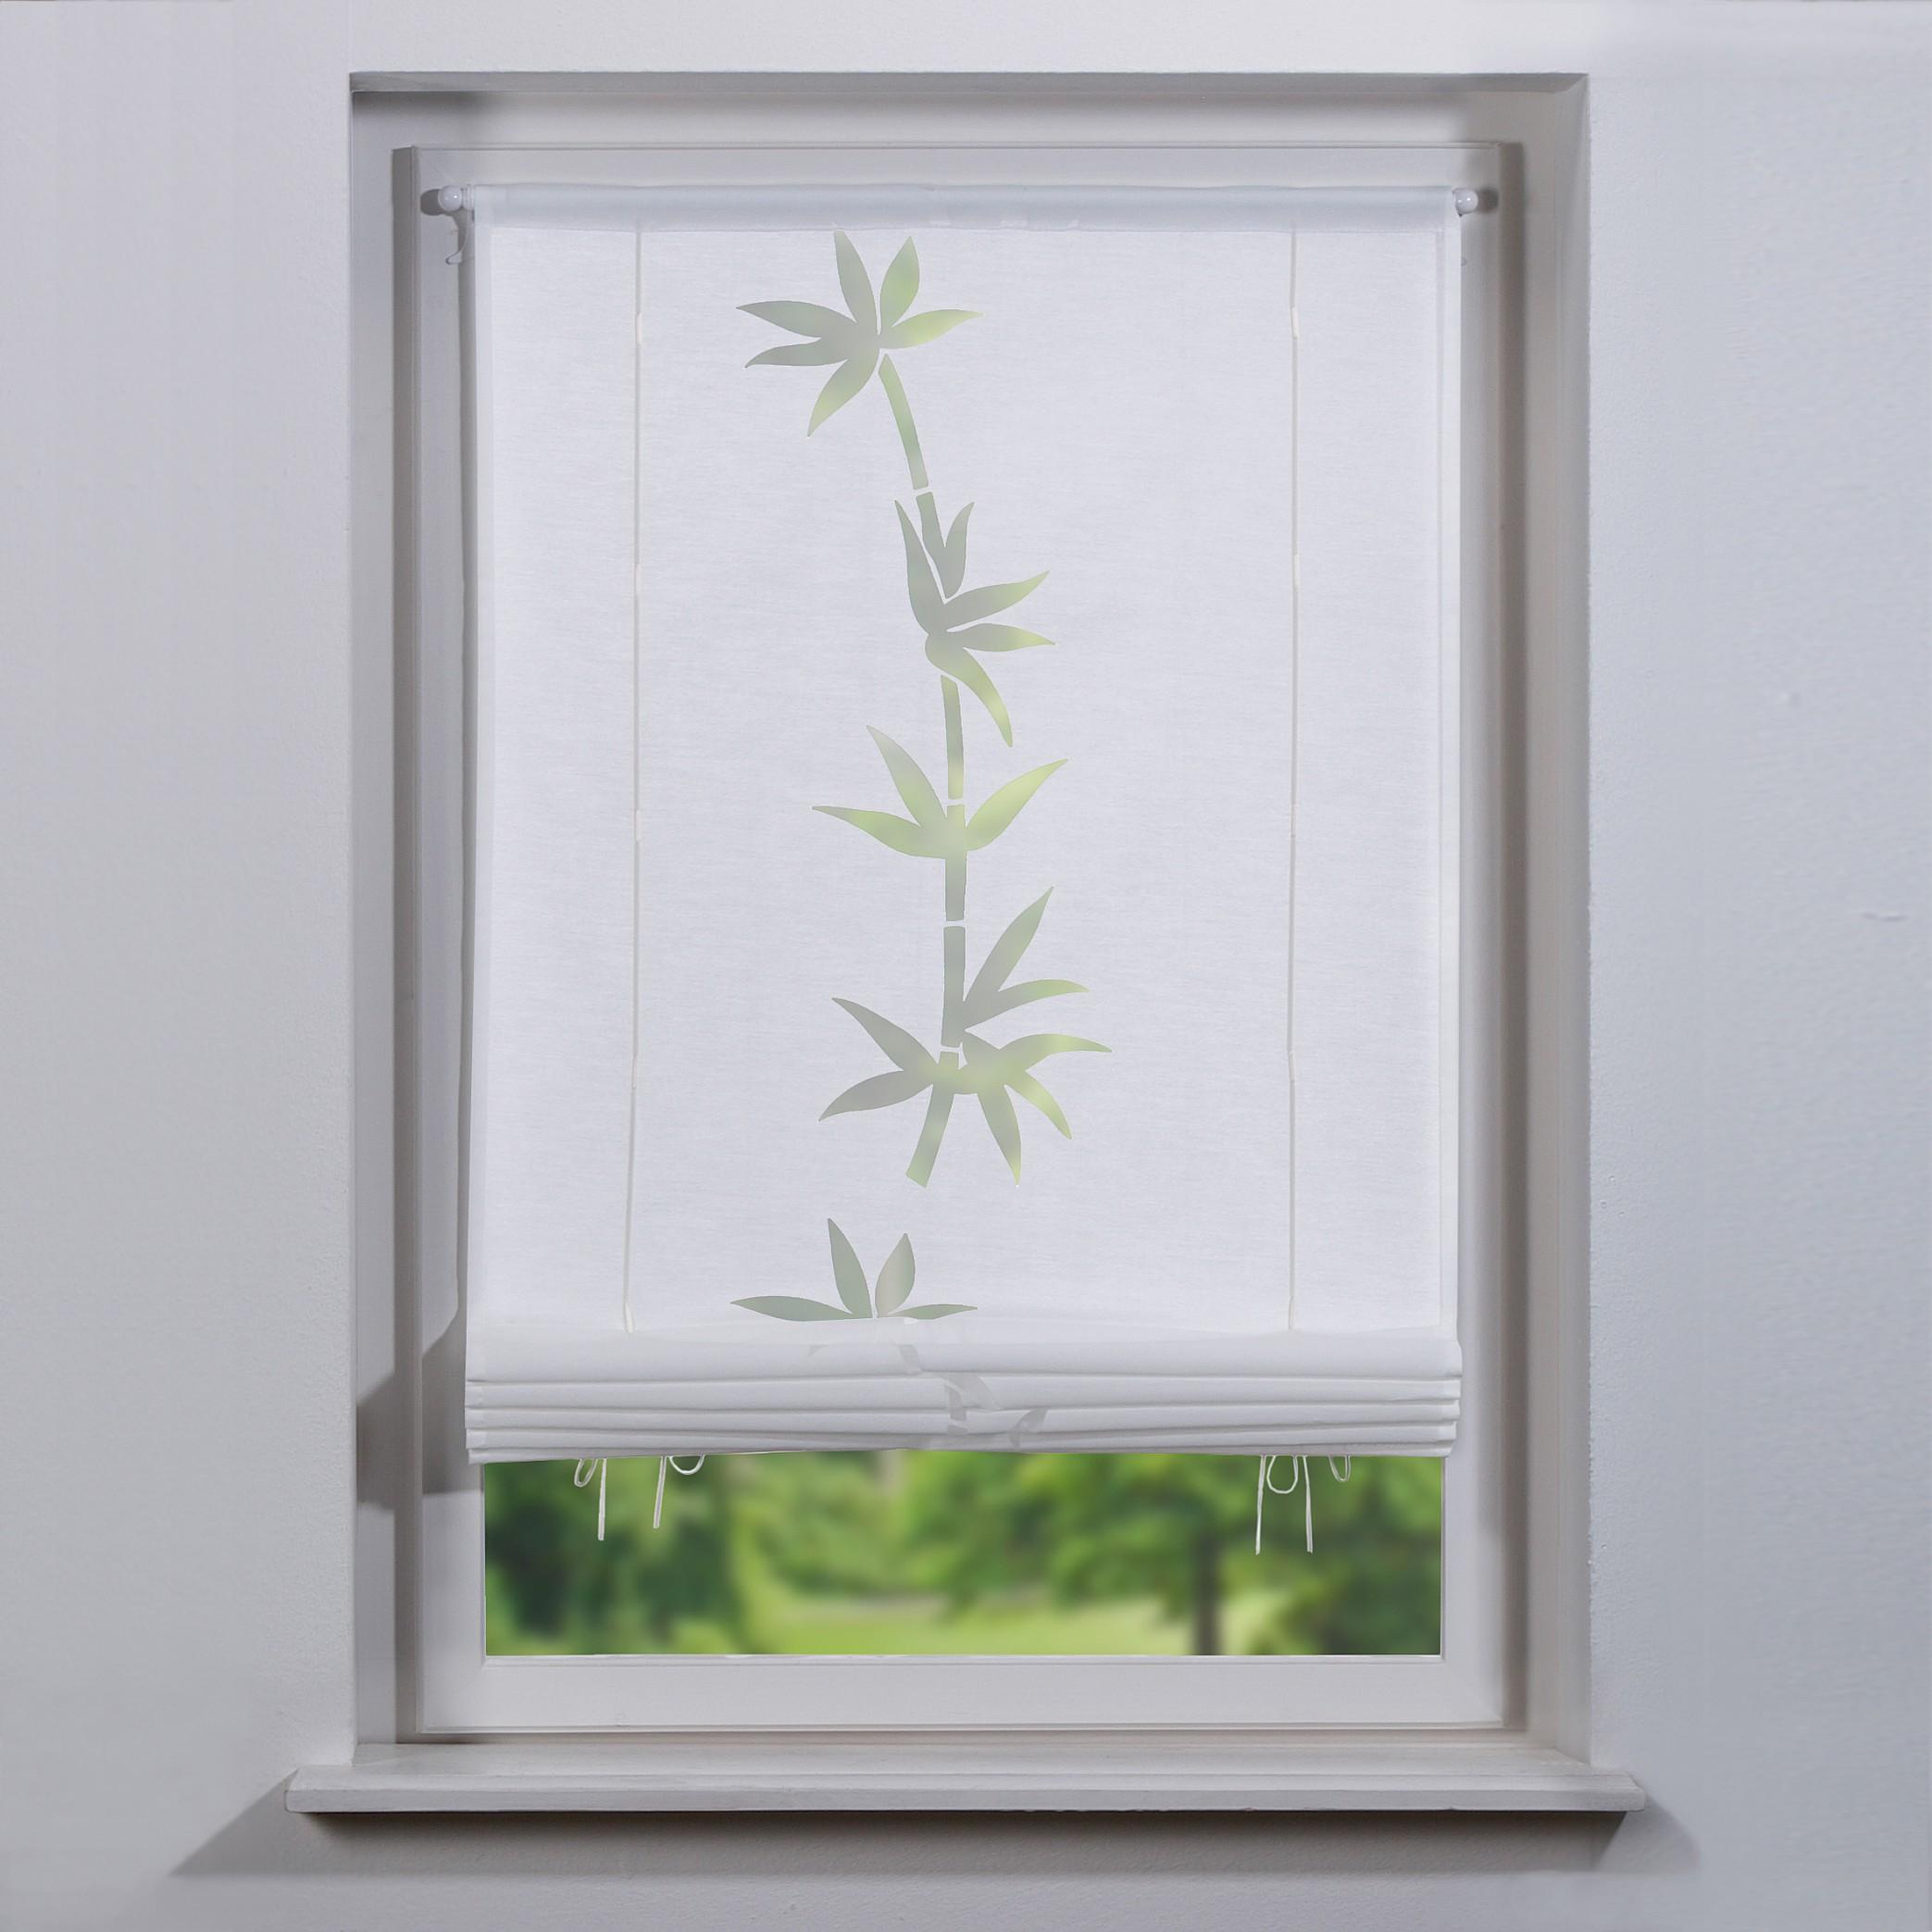 Bändchenrollo – 145 x 60 cm, Home Wohnideen günstig